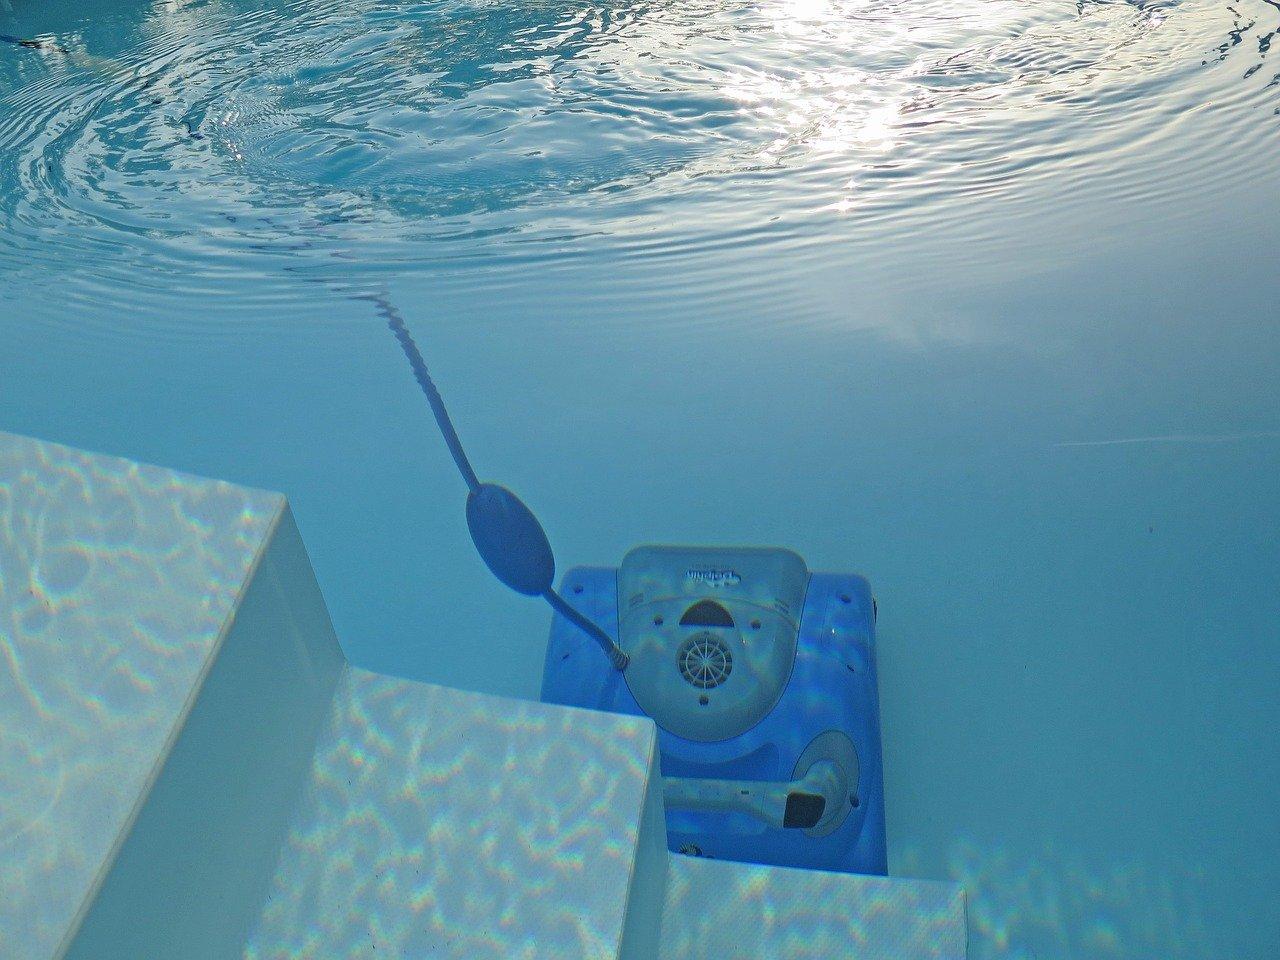 Comment résoudre le problème des algues dans la piscine ?